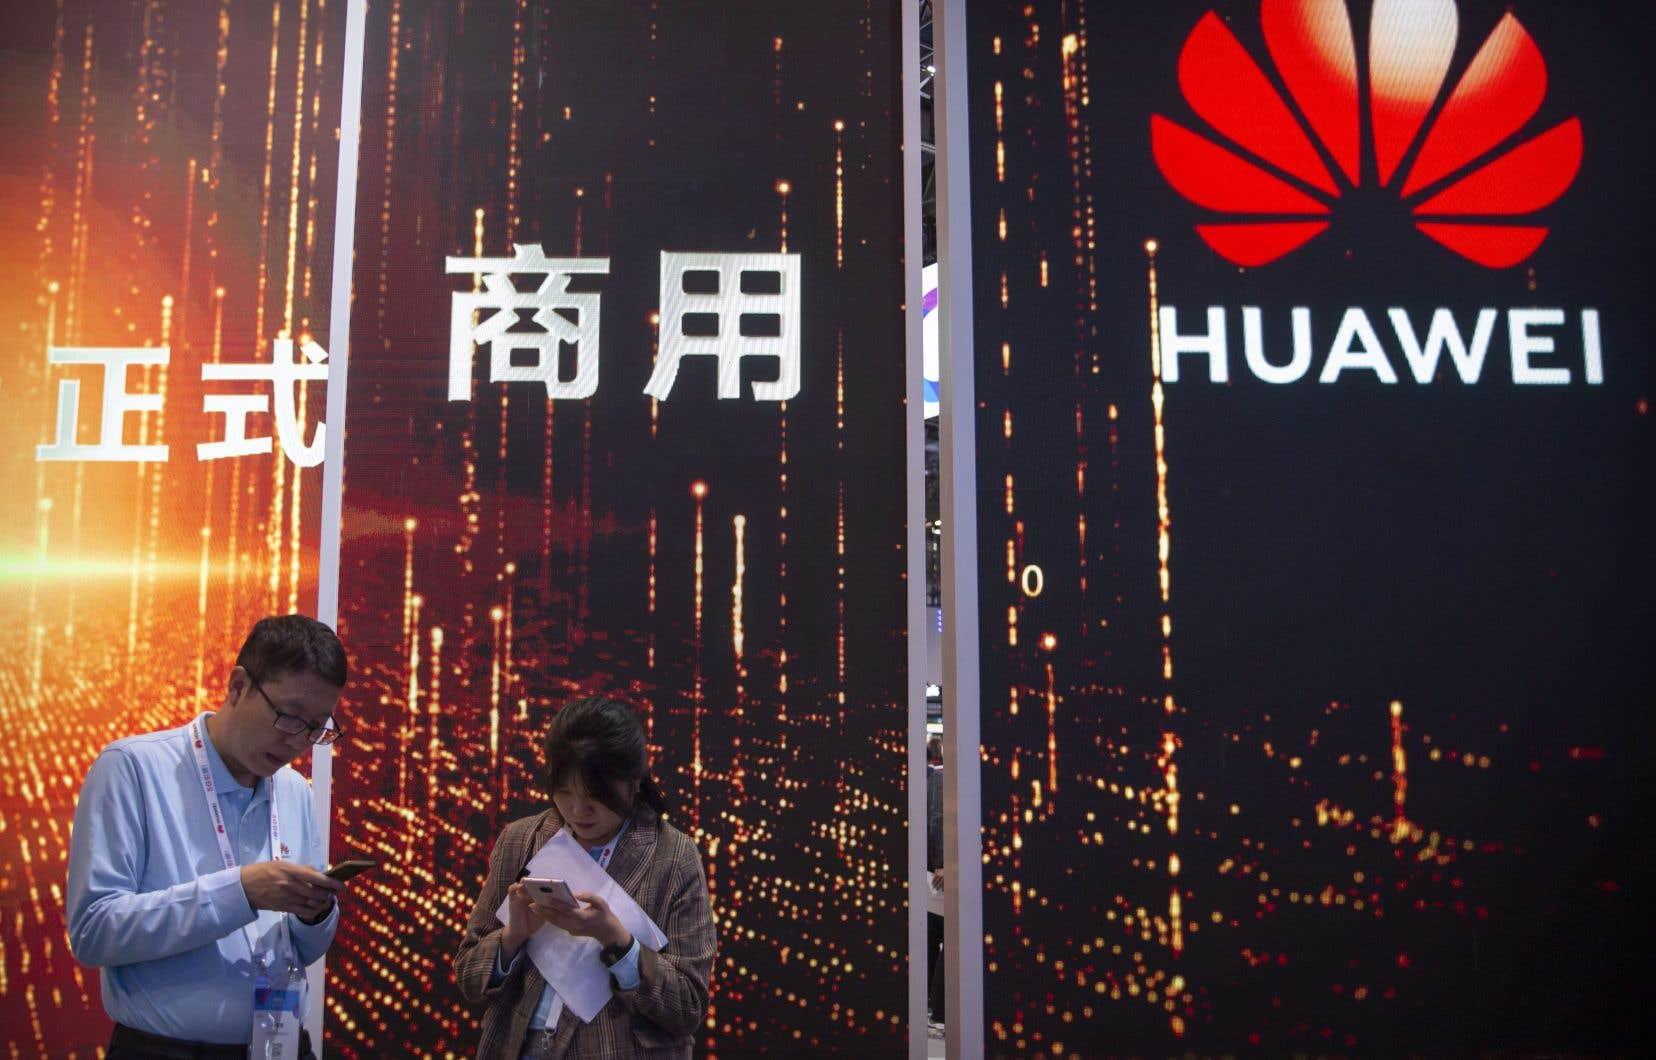 Pour Pékin, Washington a commis envers Huawei et d'autres entreprises chinoises «un abus de son pouvoir national d'imposer toutes sortes de restrictions».